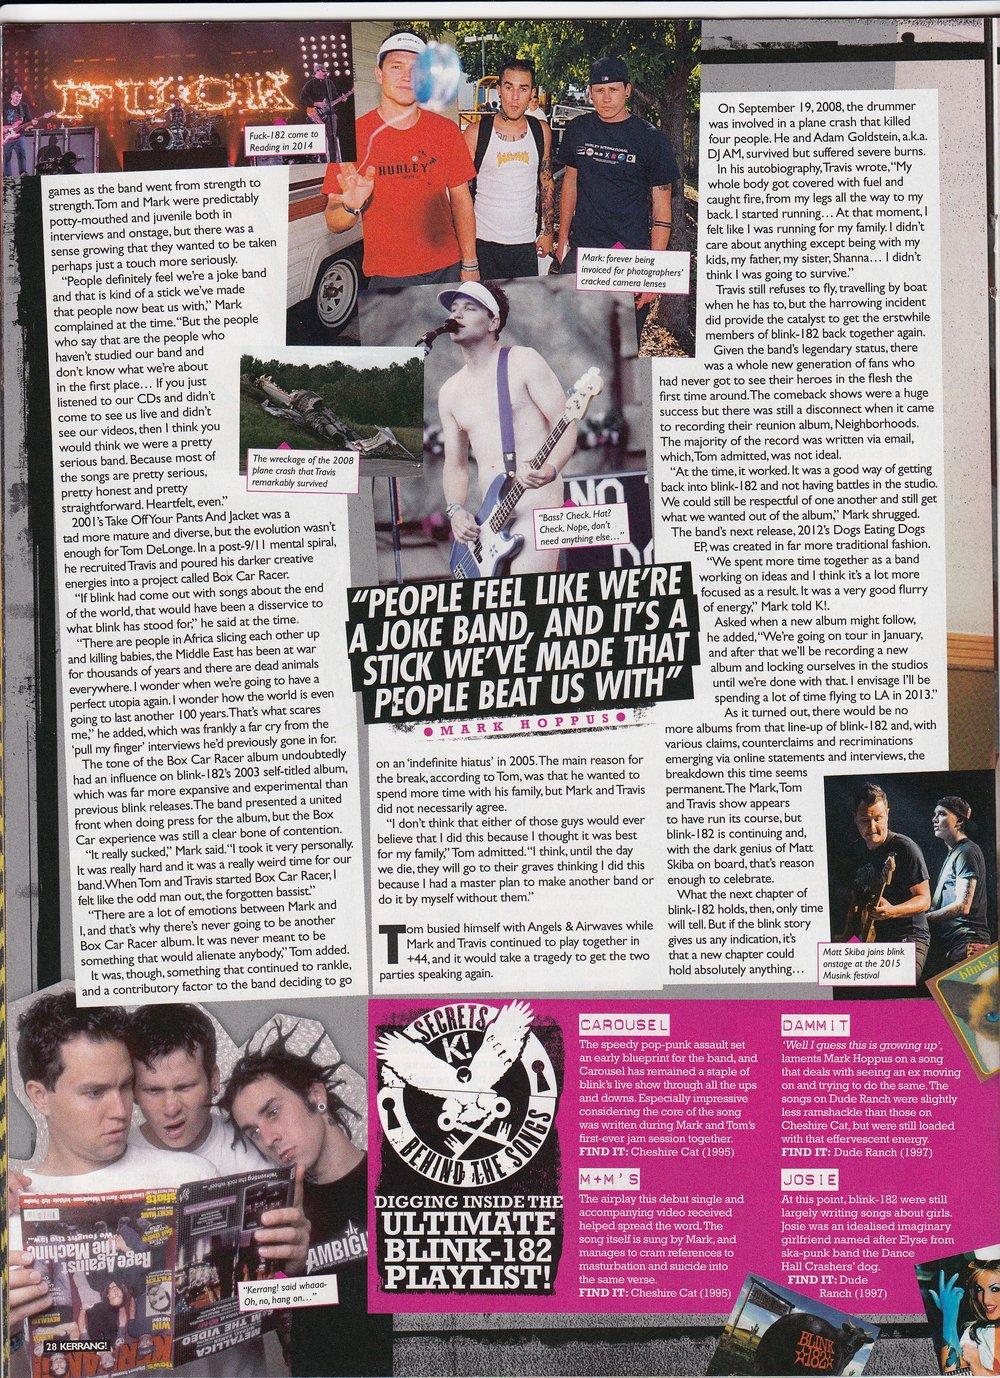 Blink-182 / Kerrang!